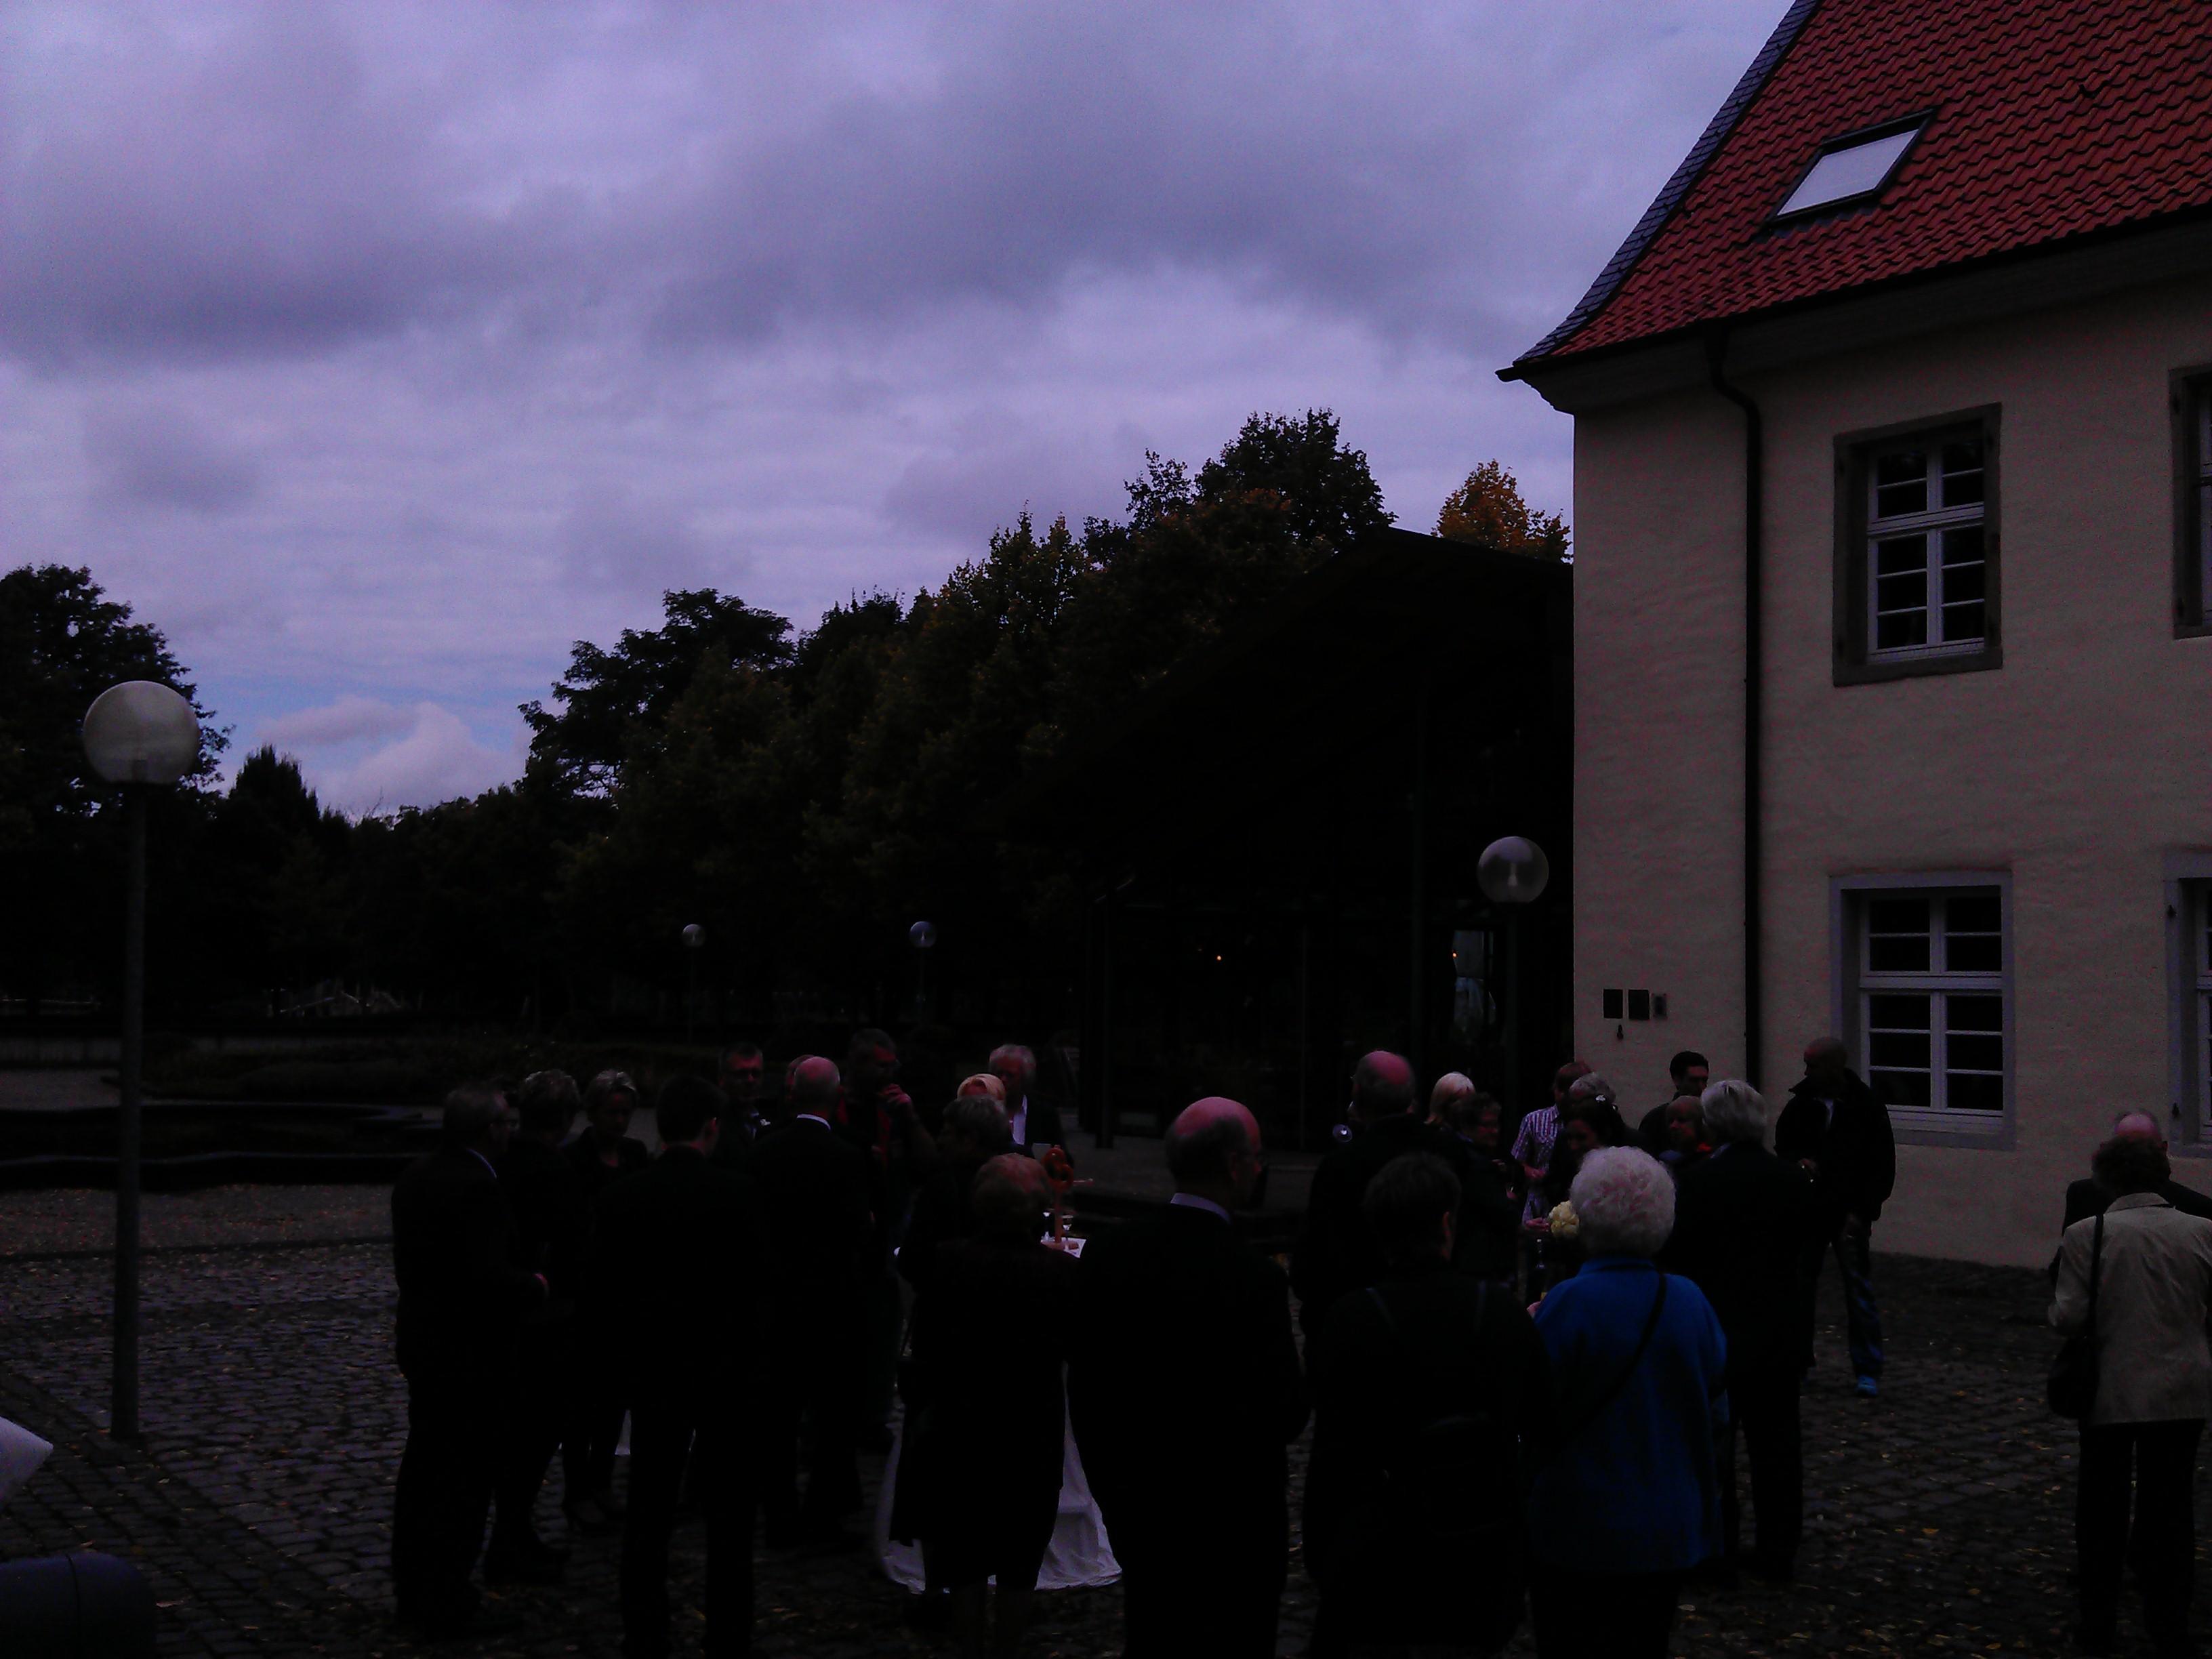 Sektempfang Schloss Martfeld Schwelm -7 | ©ihrehochzeitstauben